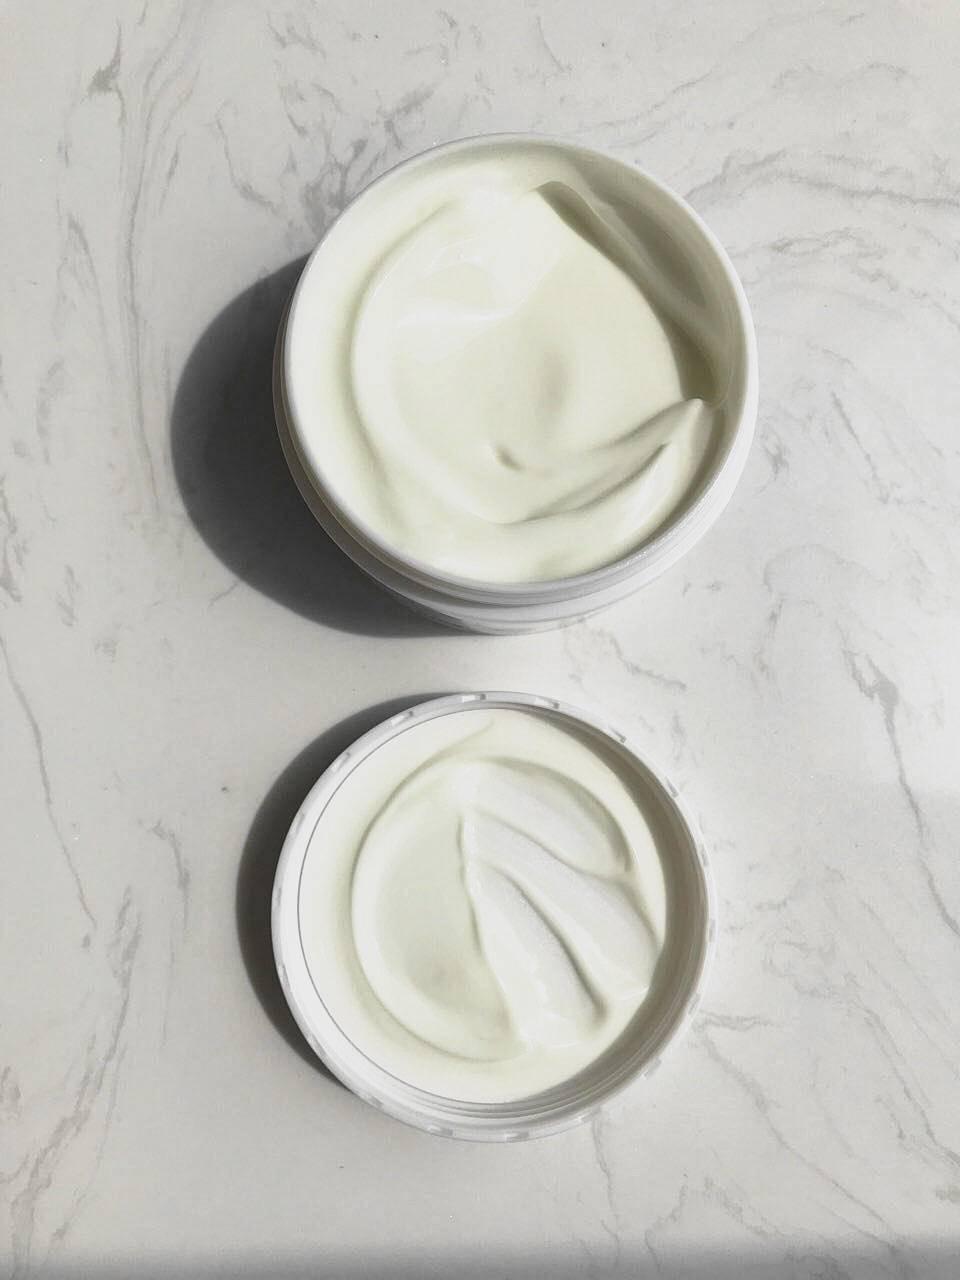 原创夏季精简护肤要丢掉面霜?你这是在害谁呢!